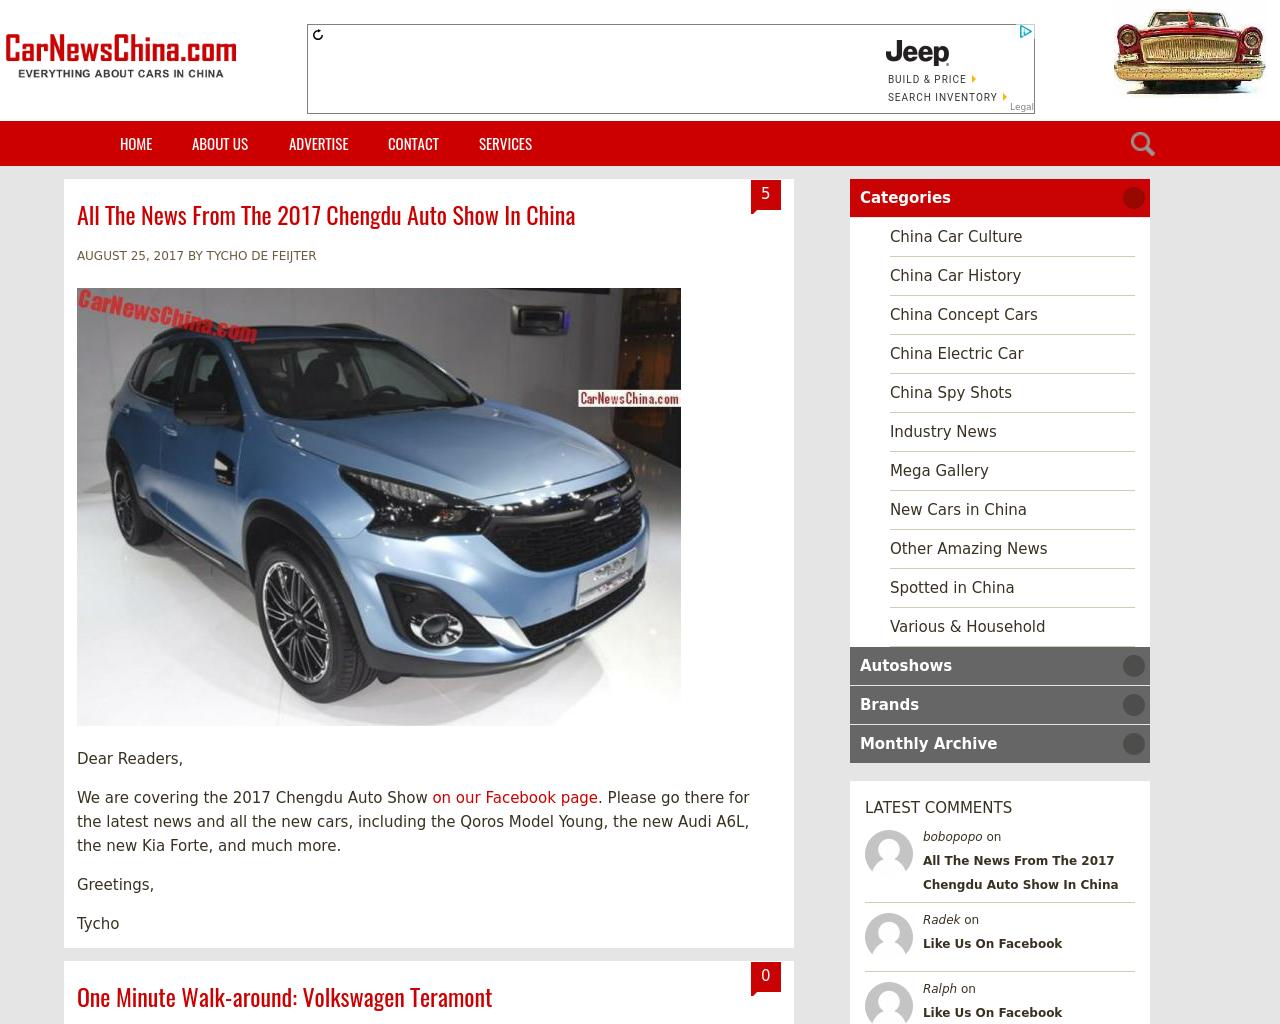 Car-News-China-Advertising-Reviews-Pricing